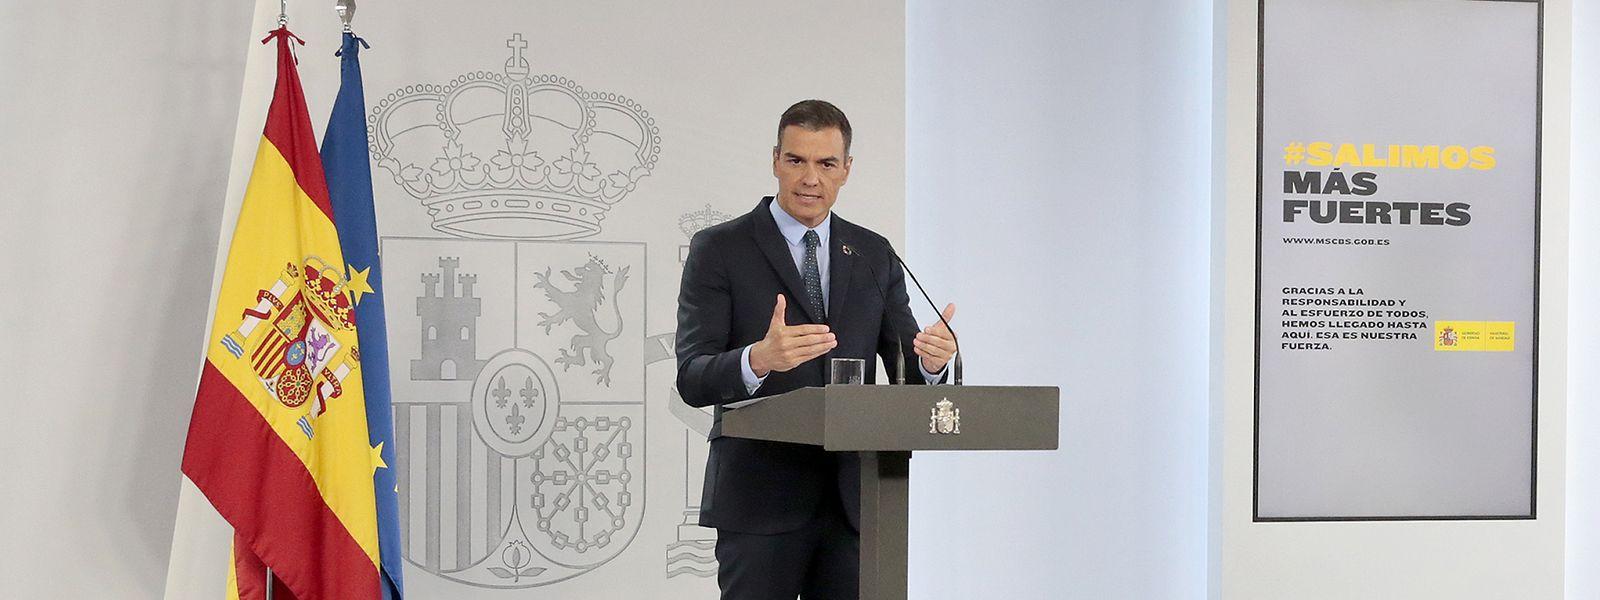 Le Premier ministre espagnol Pedro Sanchez se dit «inquiet face à l'évolution de l'épidémie à Madrid»